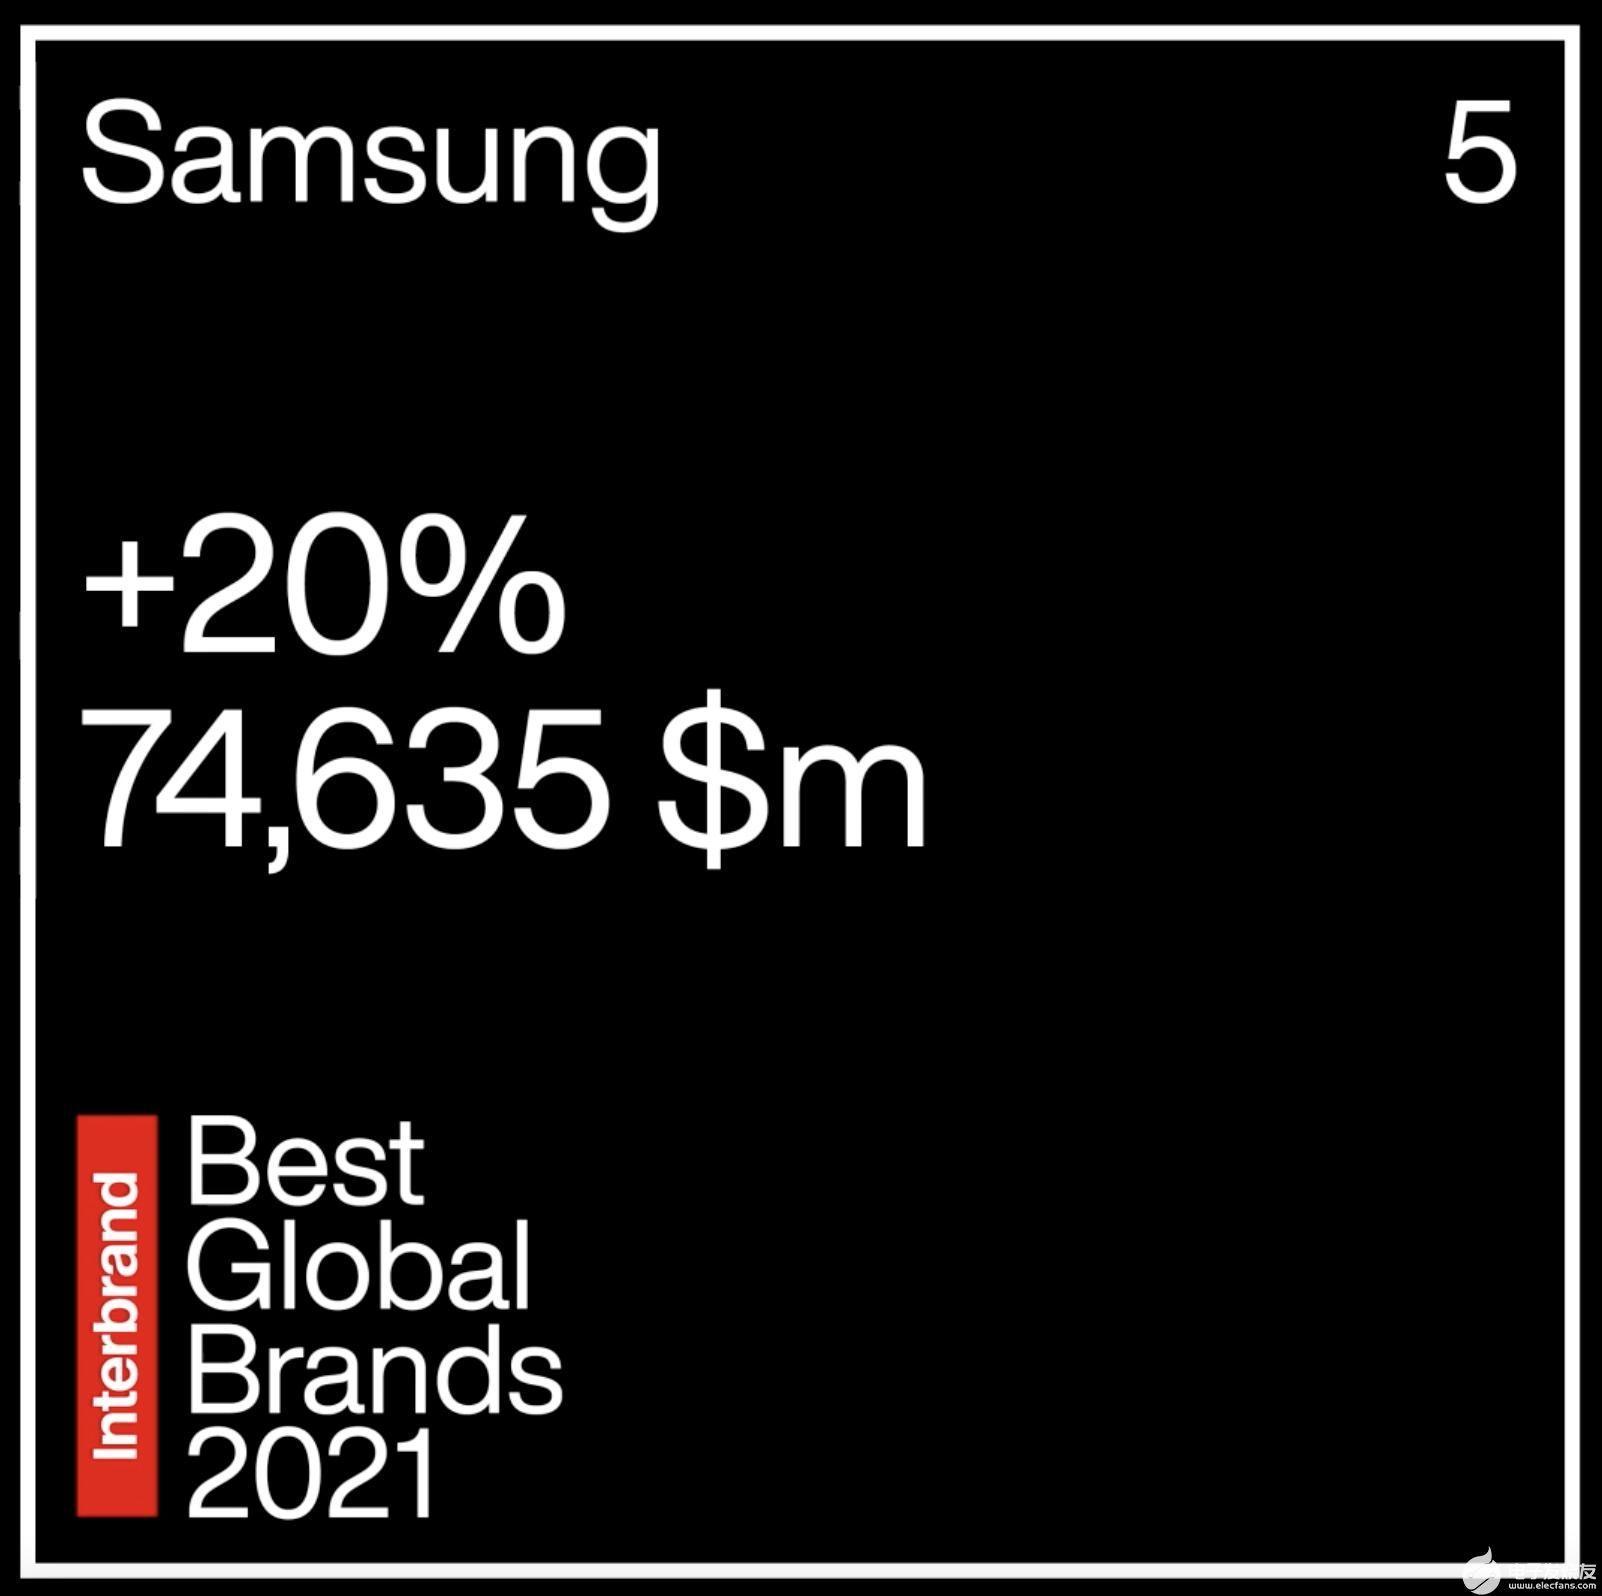 三星电子连续两年稳居Interbrand最佳品牌榜单第五